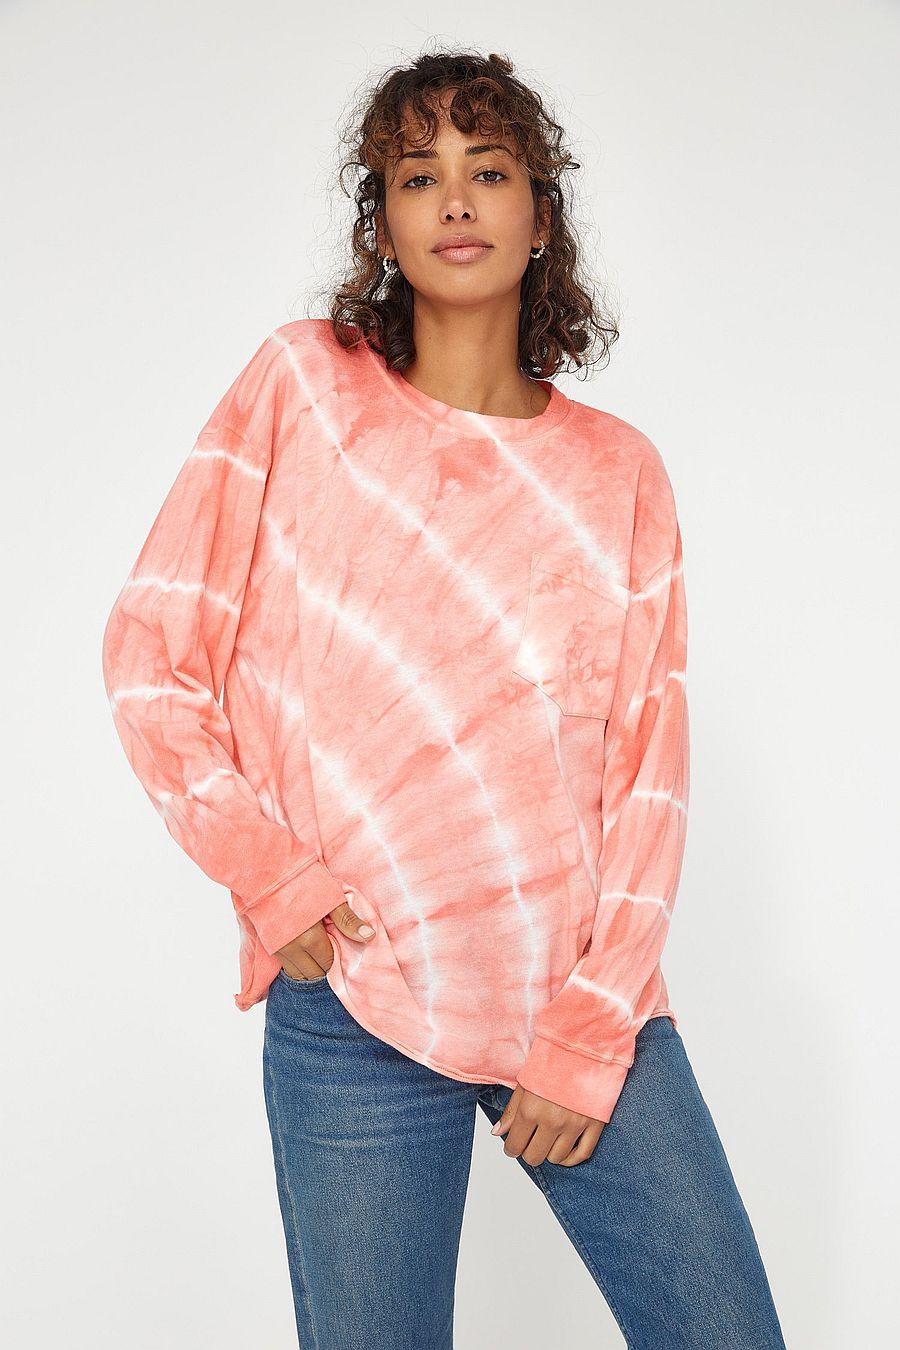 LACAUSA Clothing Longsleeve Crewneck - Grapefruit